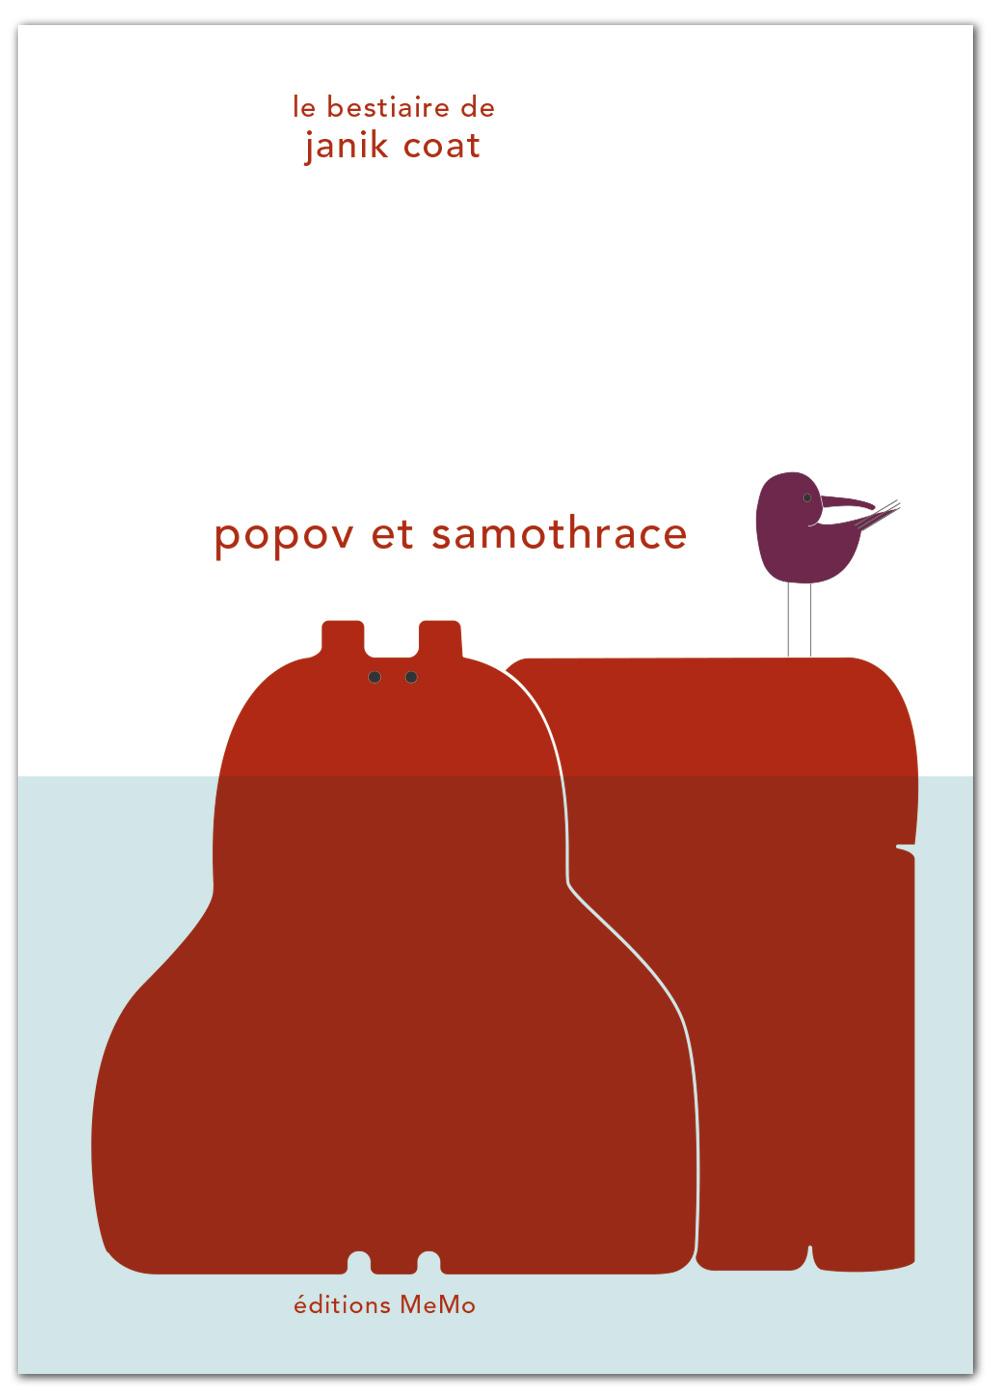 Bon anniversaire Popov